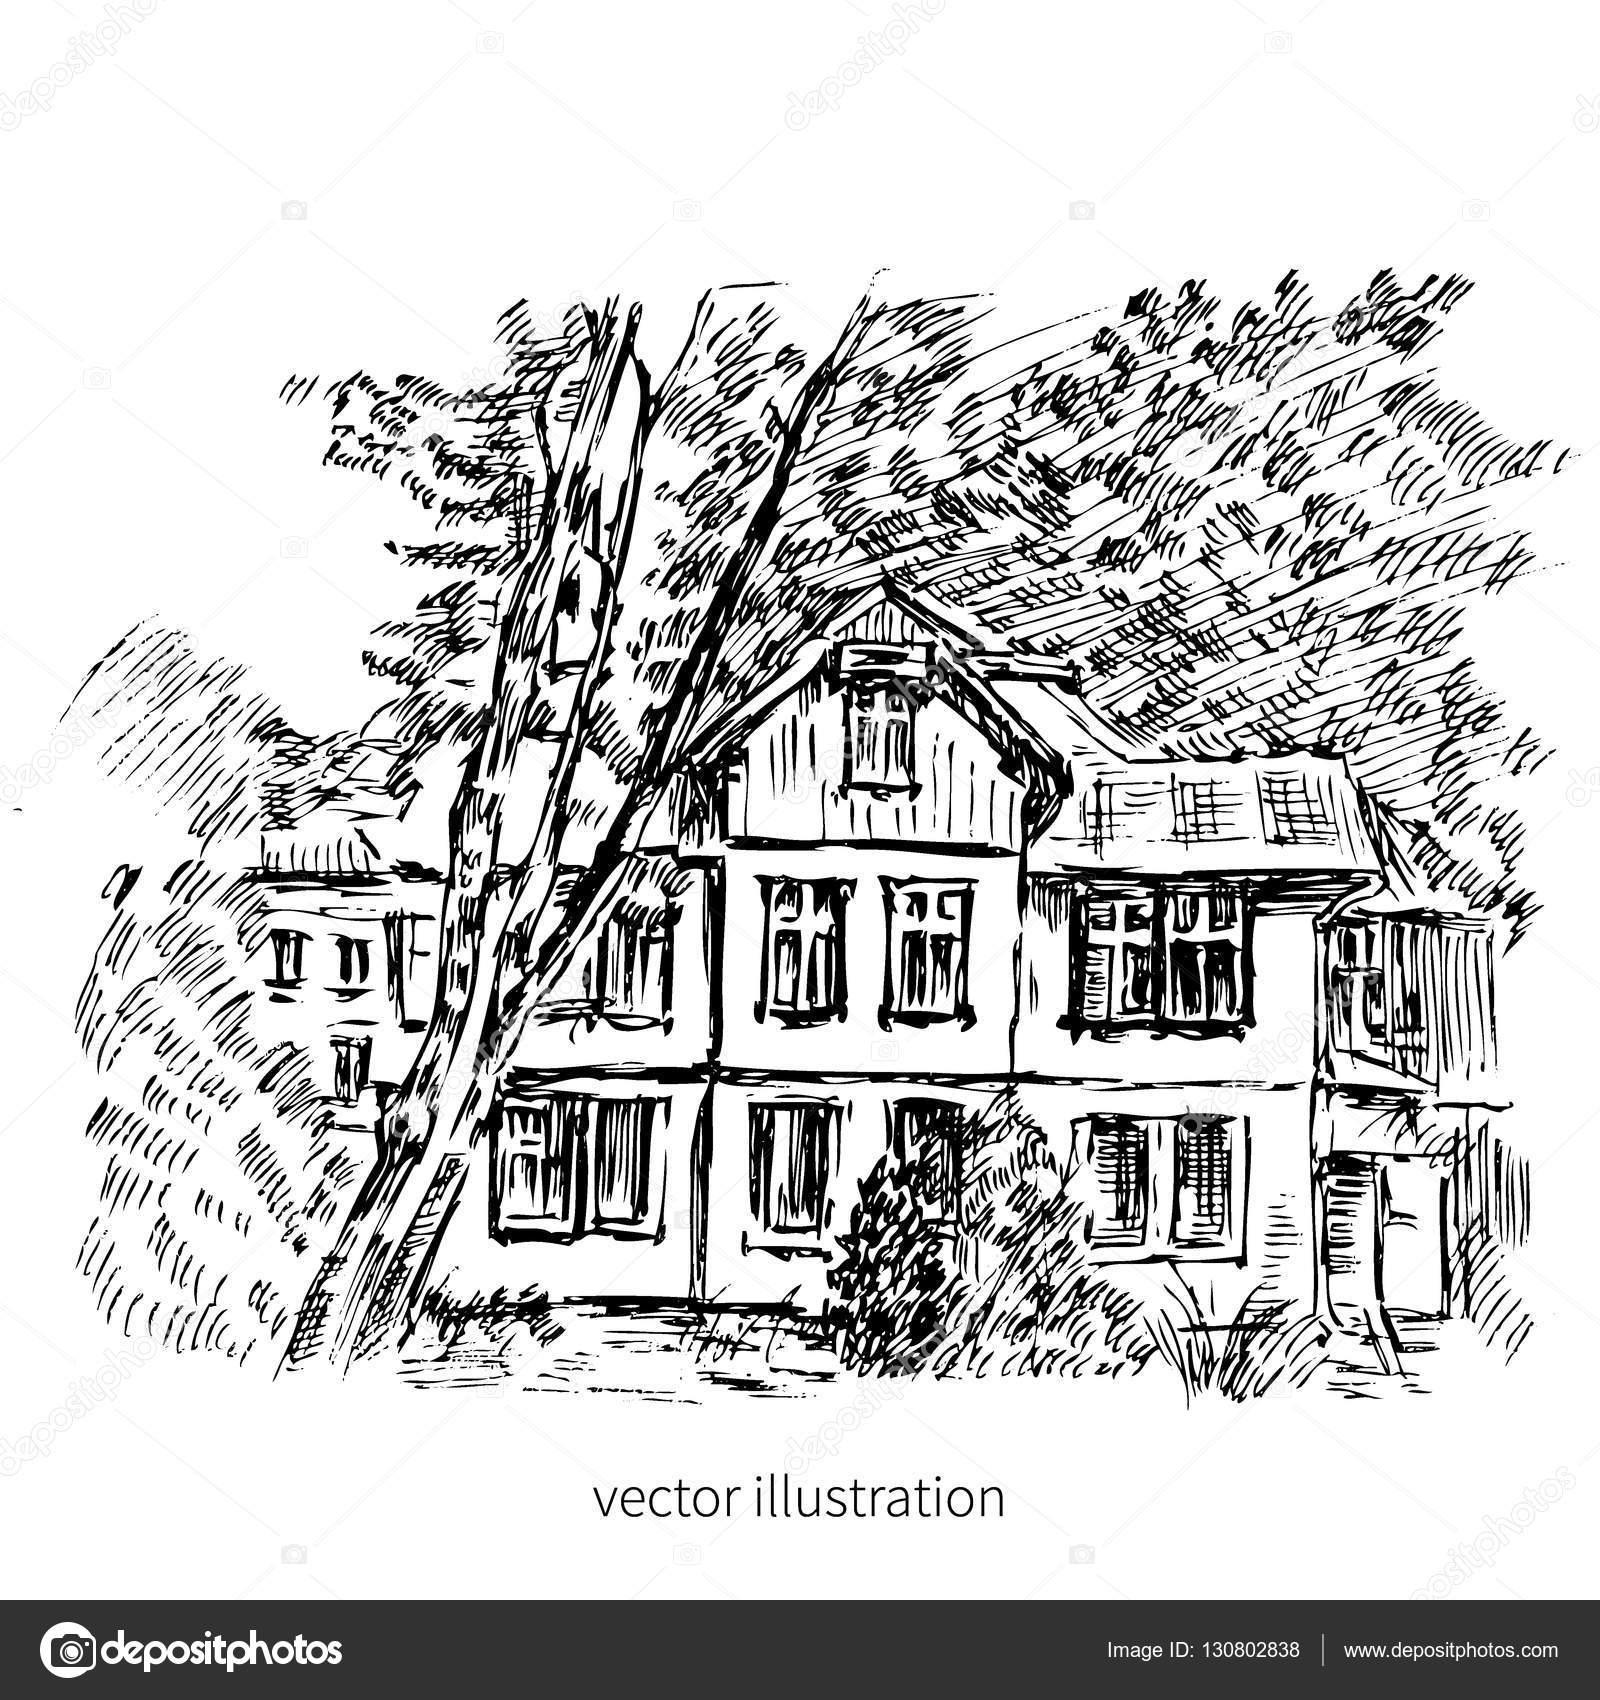 Vintage Tile Old European House Vector Graphic Illustration Engraving Outline Sketch Mansion Rural